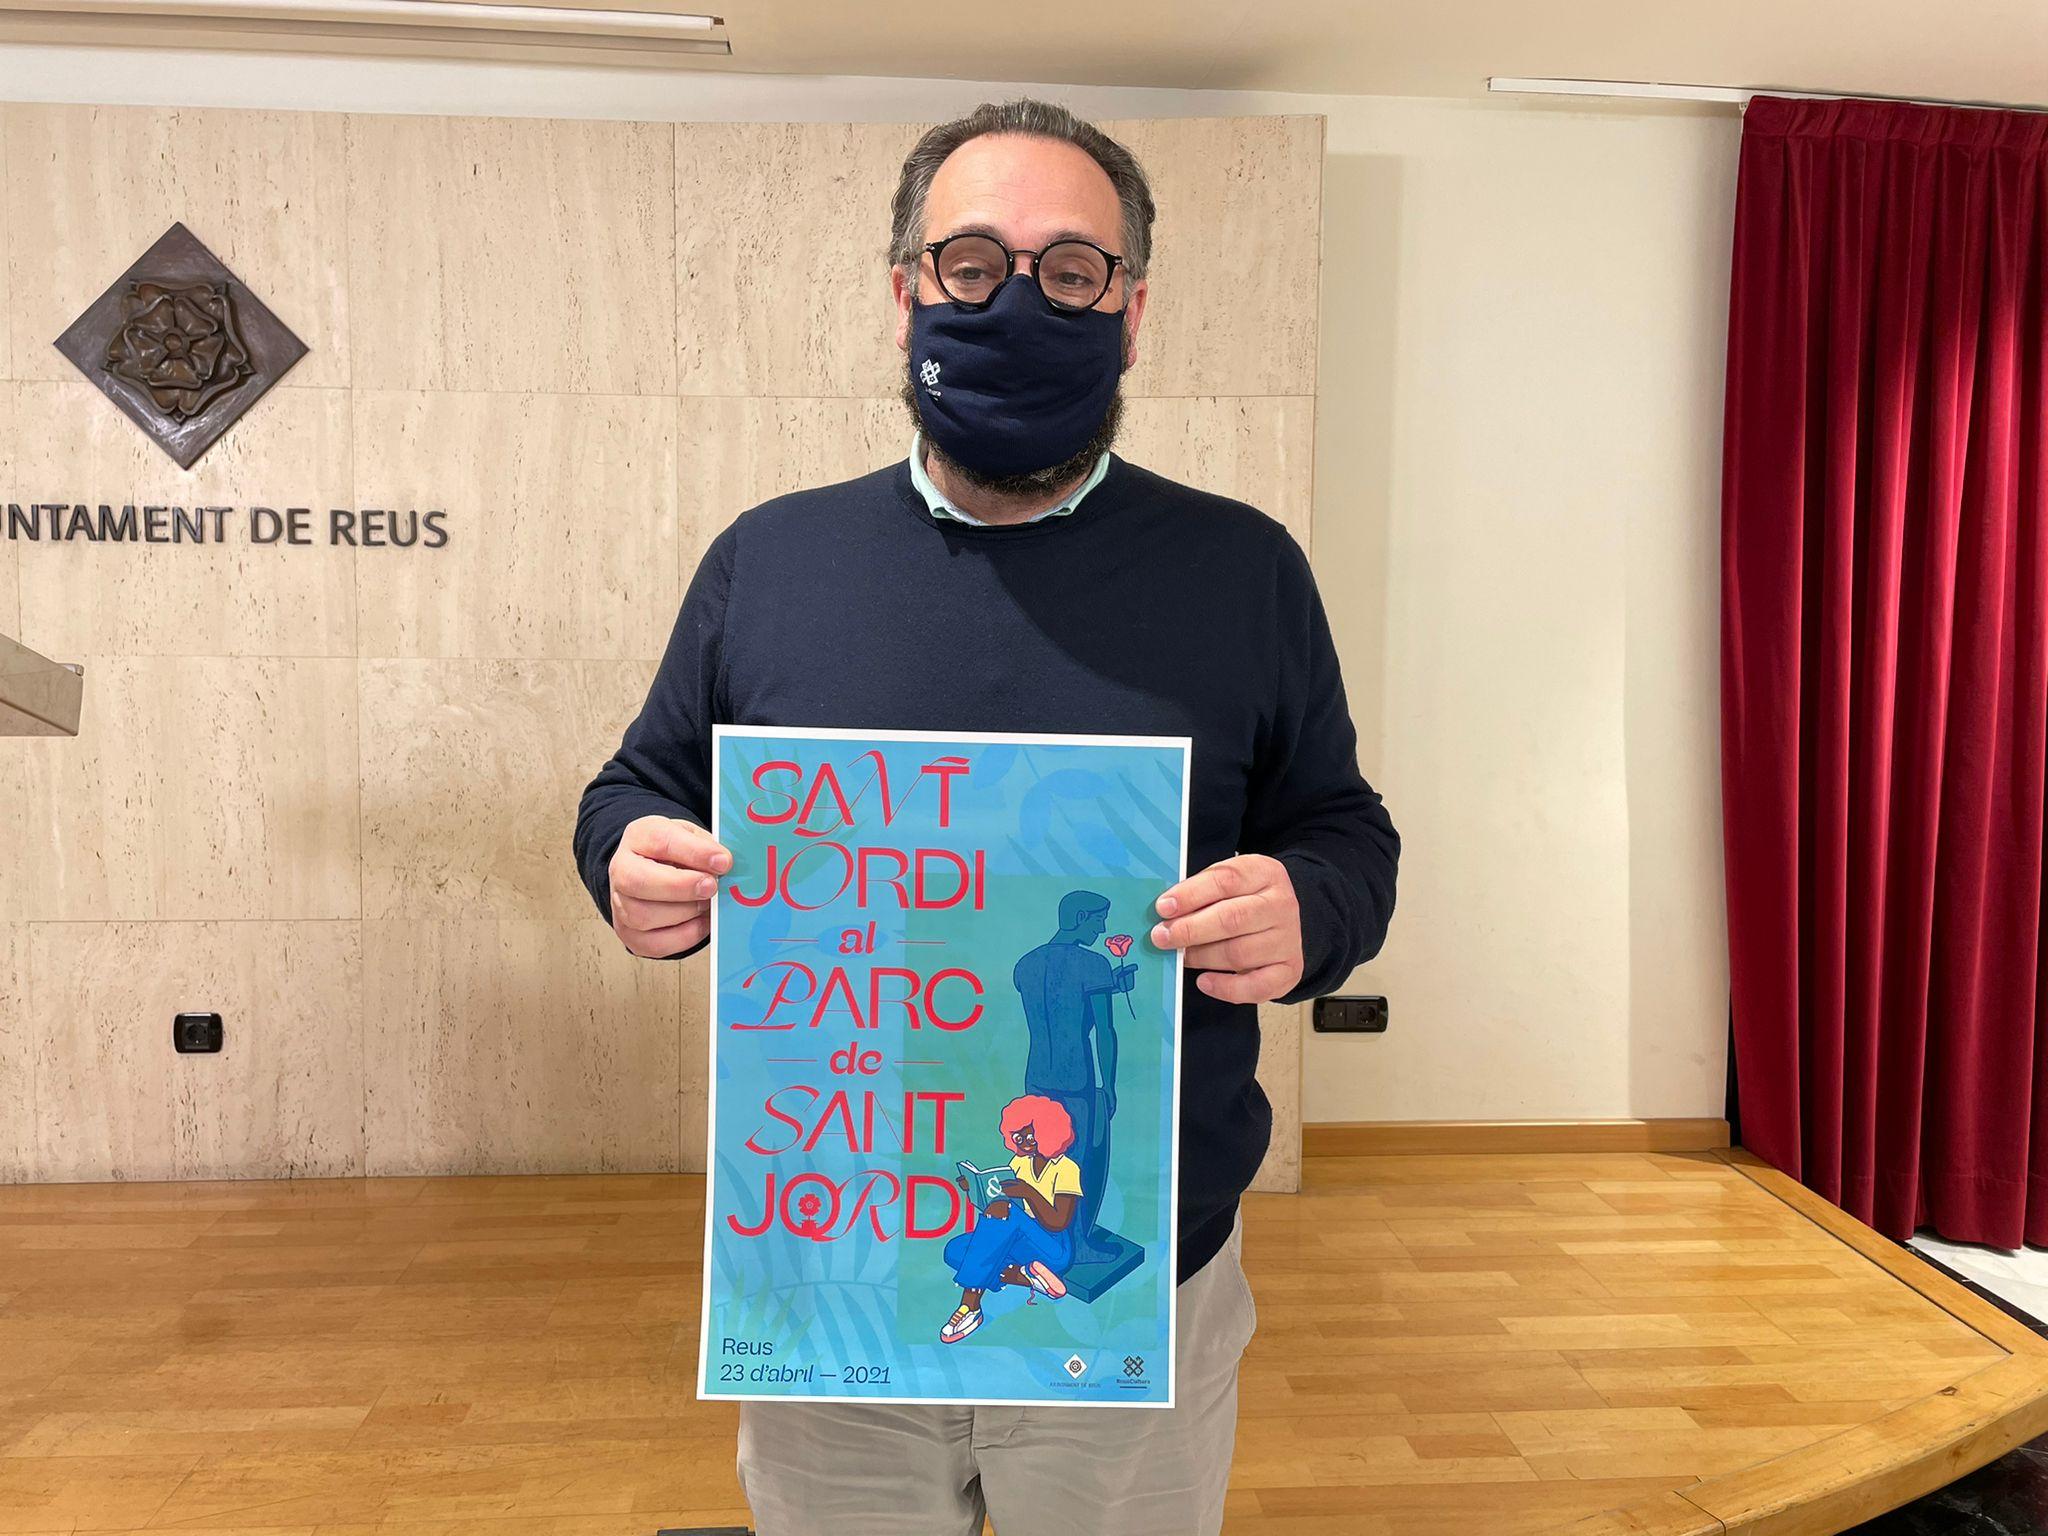 L'Institut Municipal Reus Cultura, d'acord amb la Comissió de Sant Jordi que està formada per llibreries, floristeries i entitats, ha...